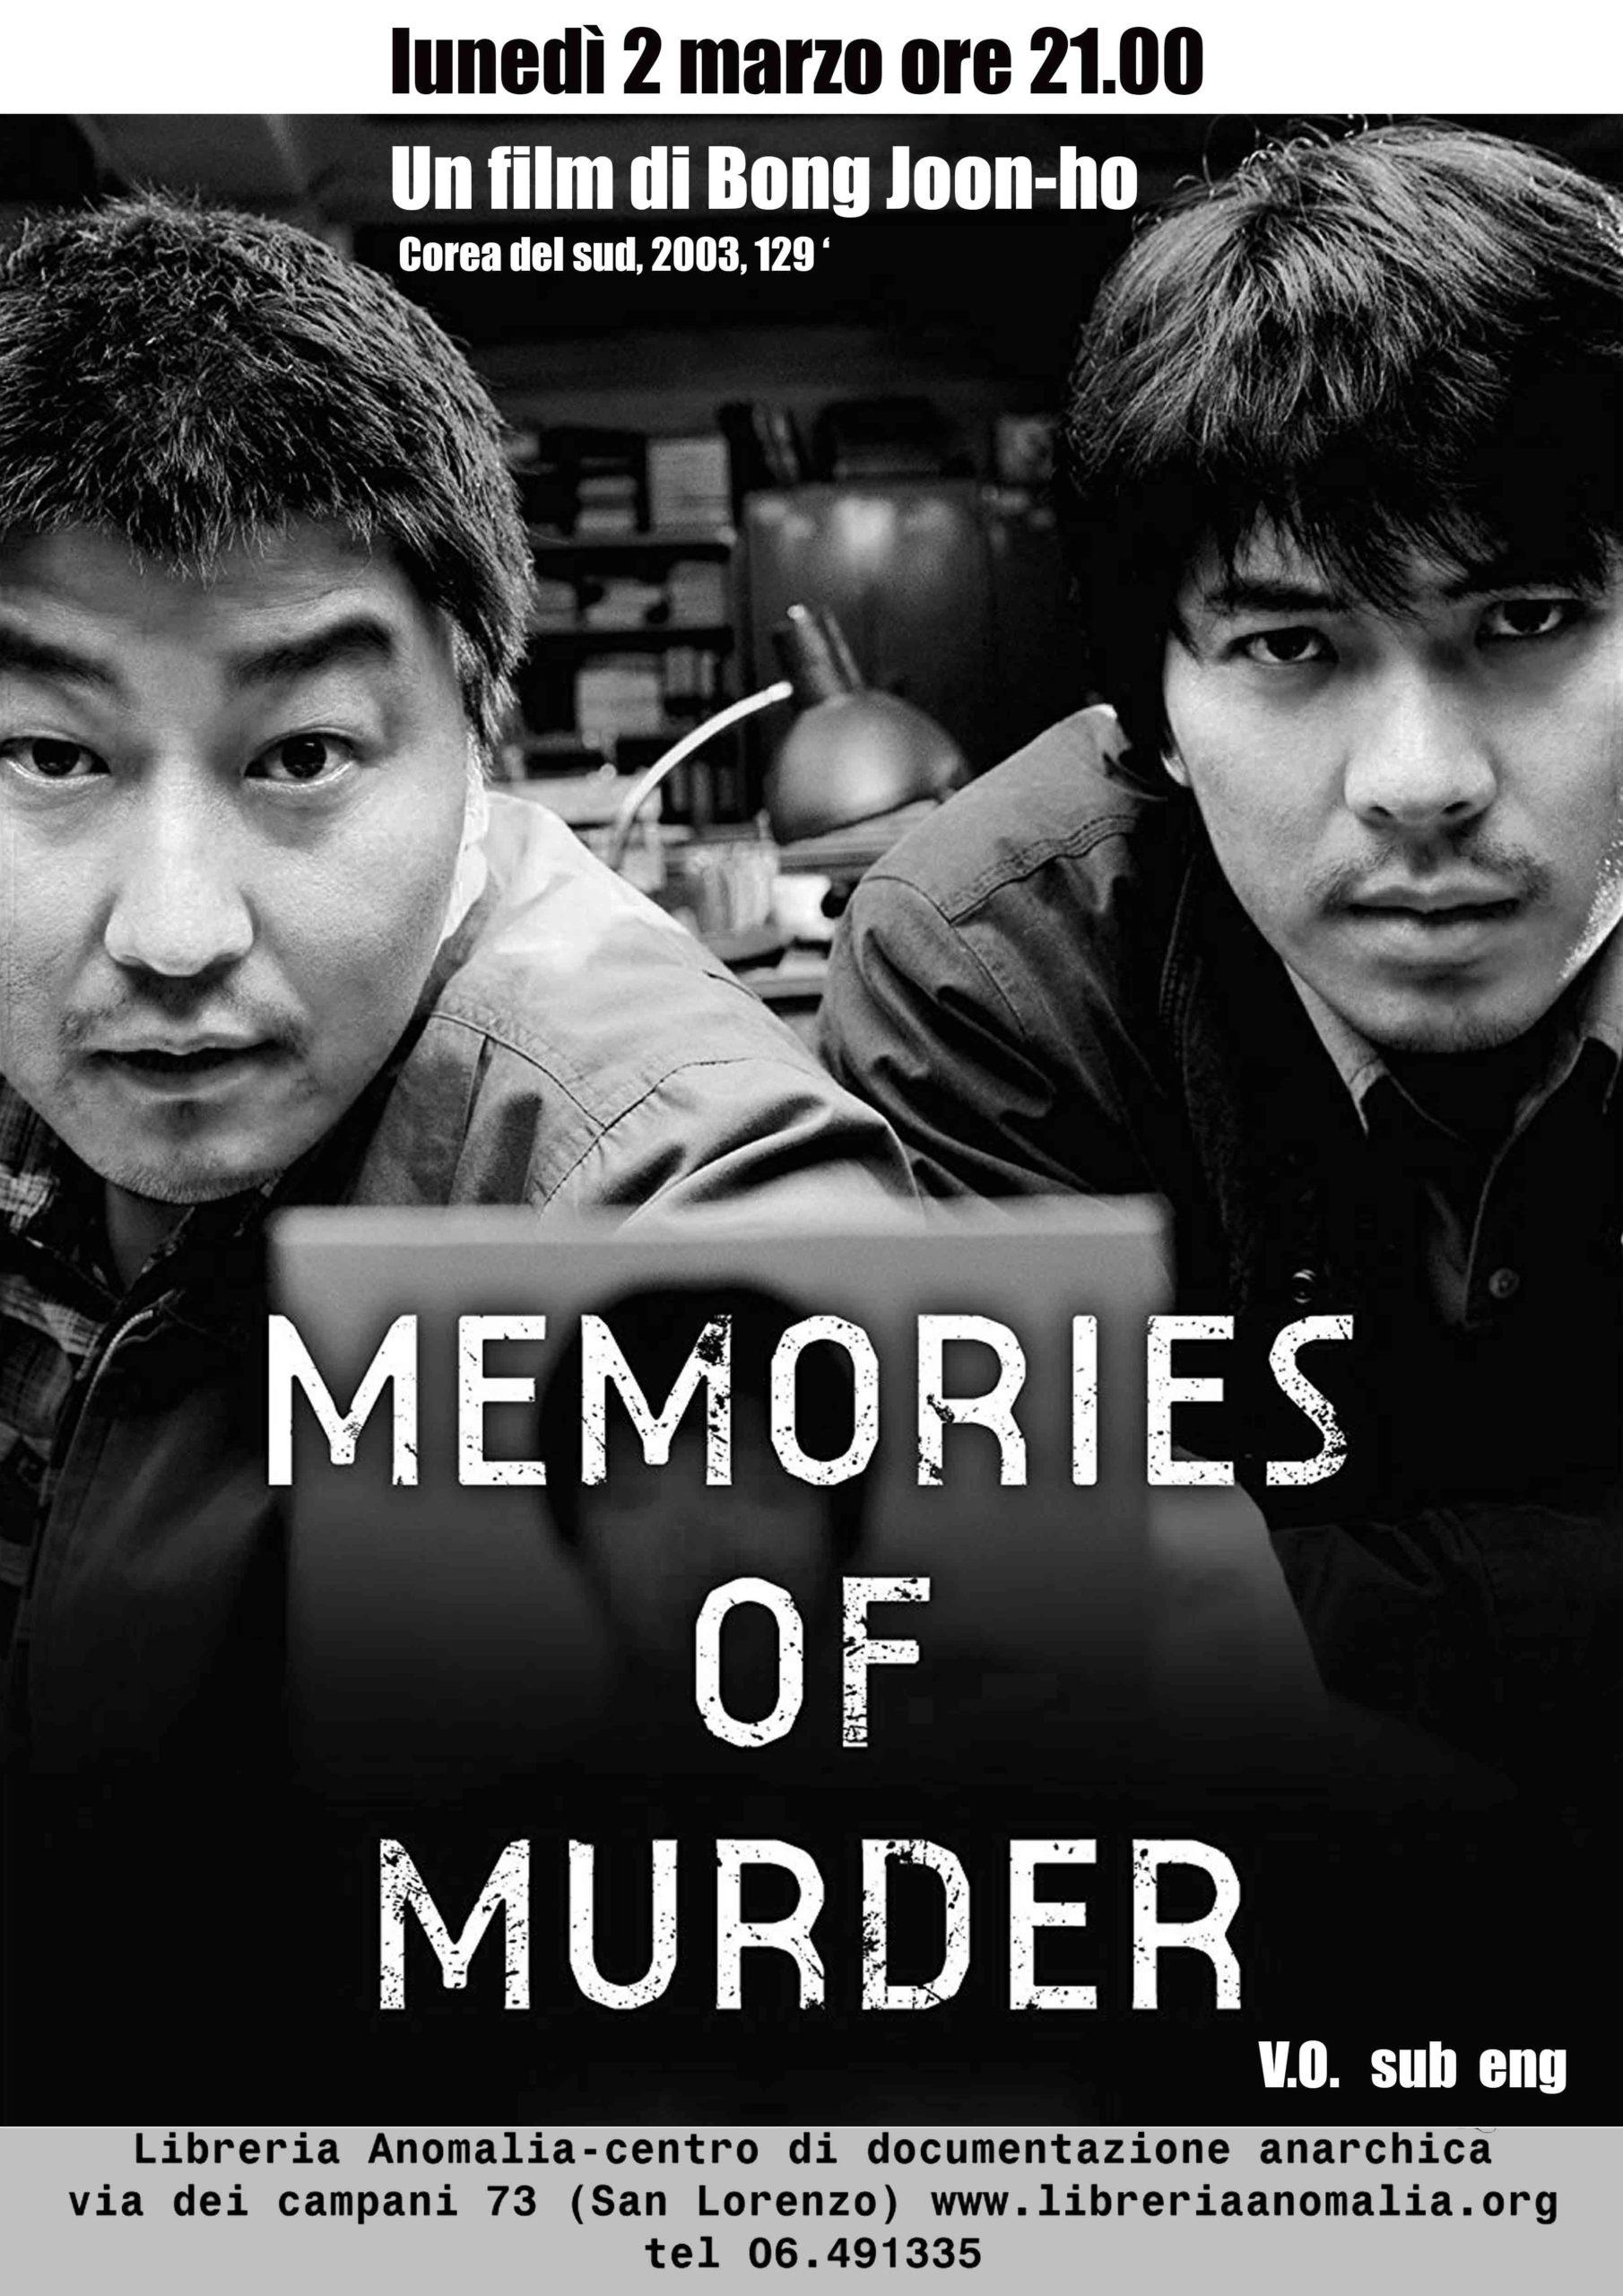 memories of murder, primo film della rassegna cinema del mondo